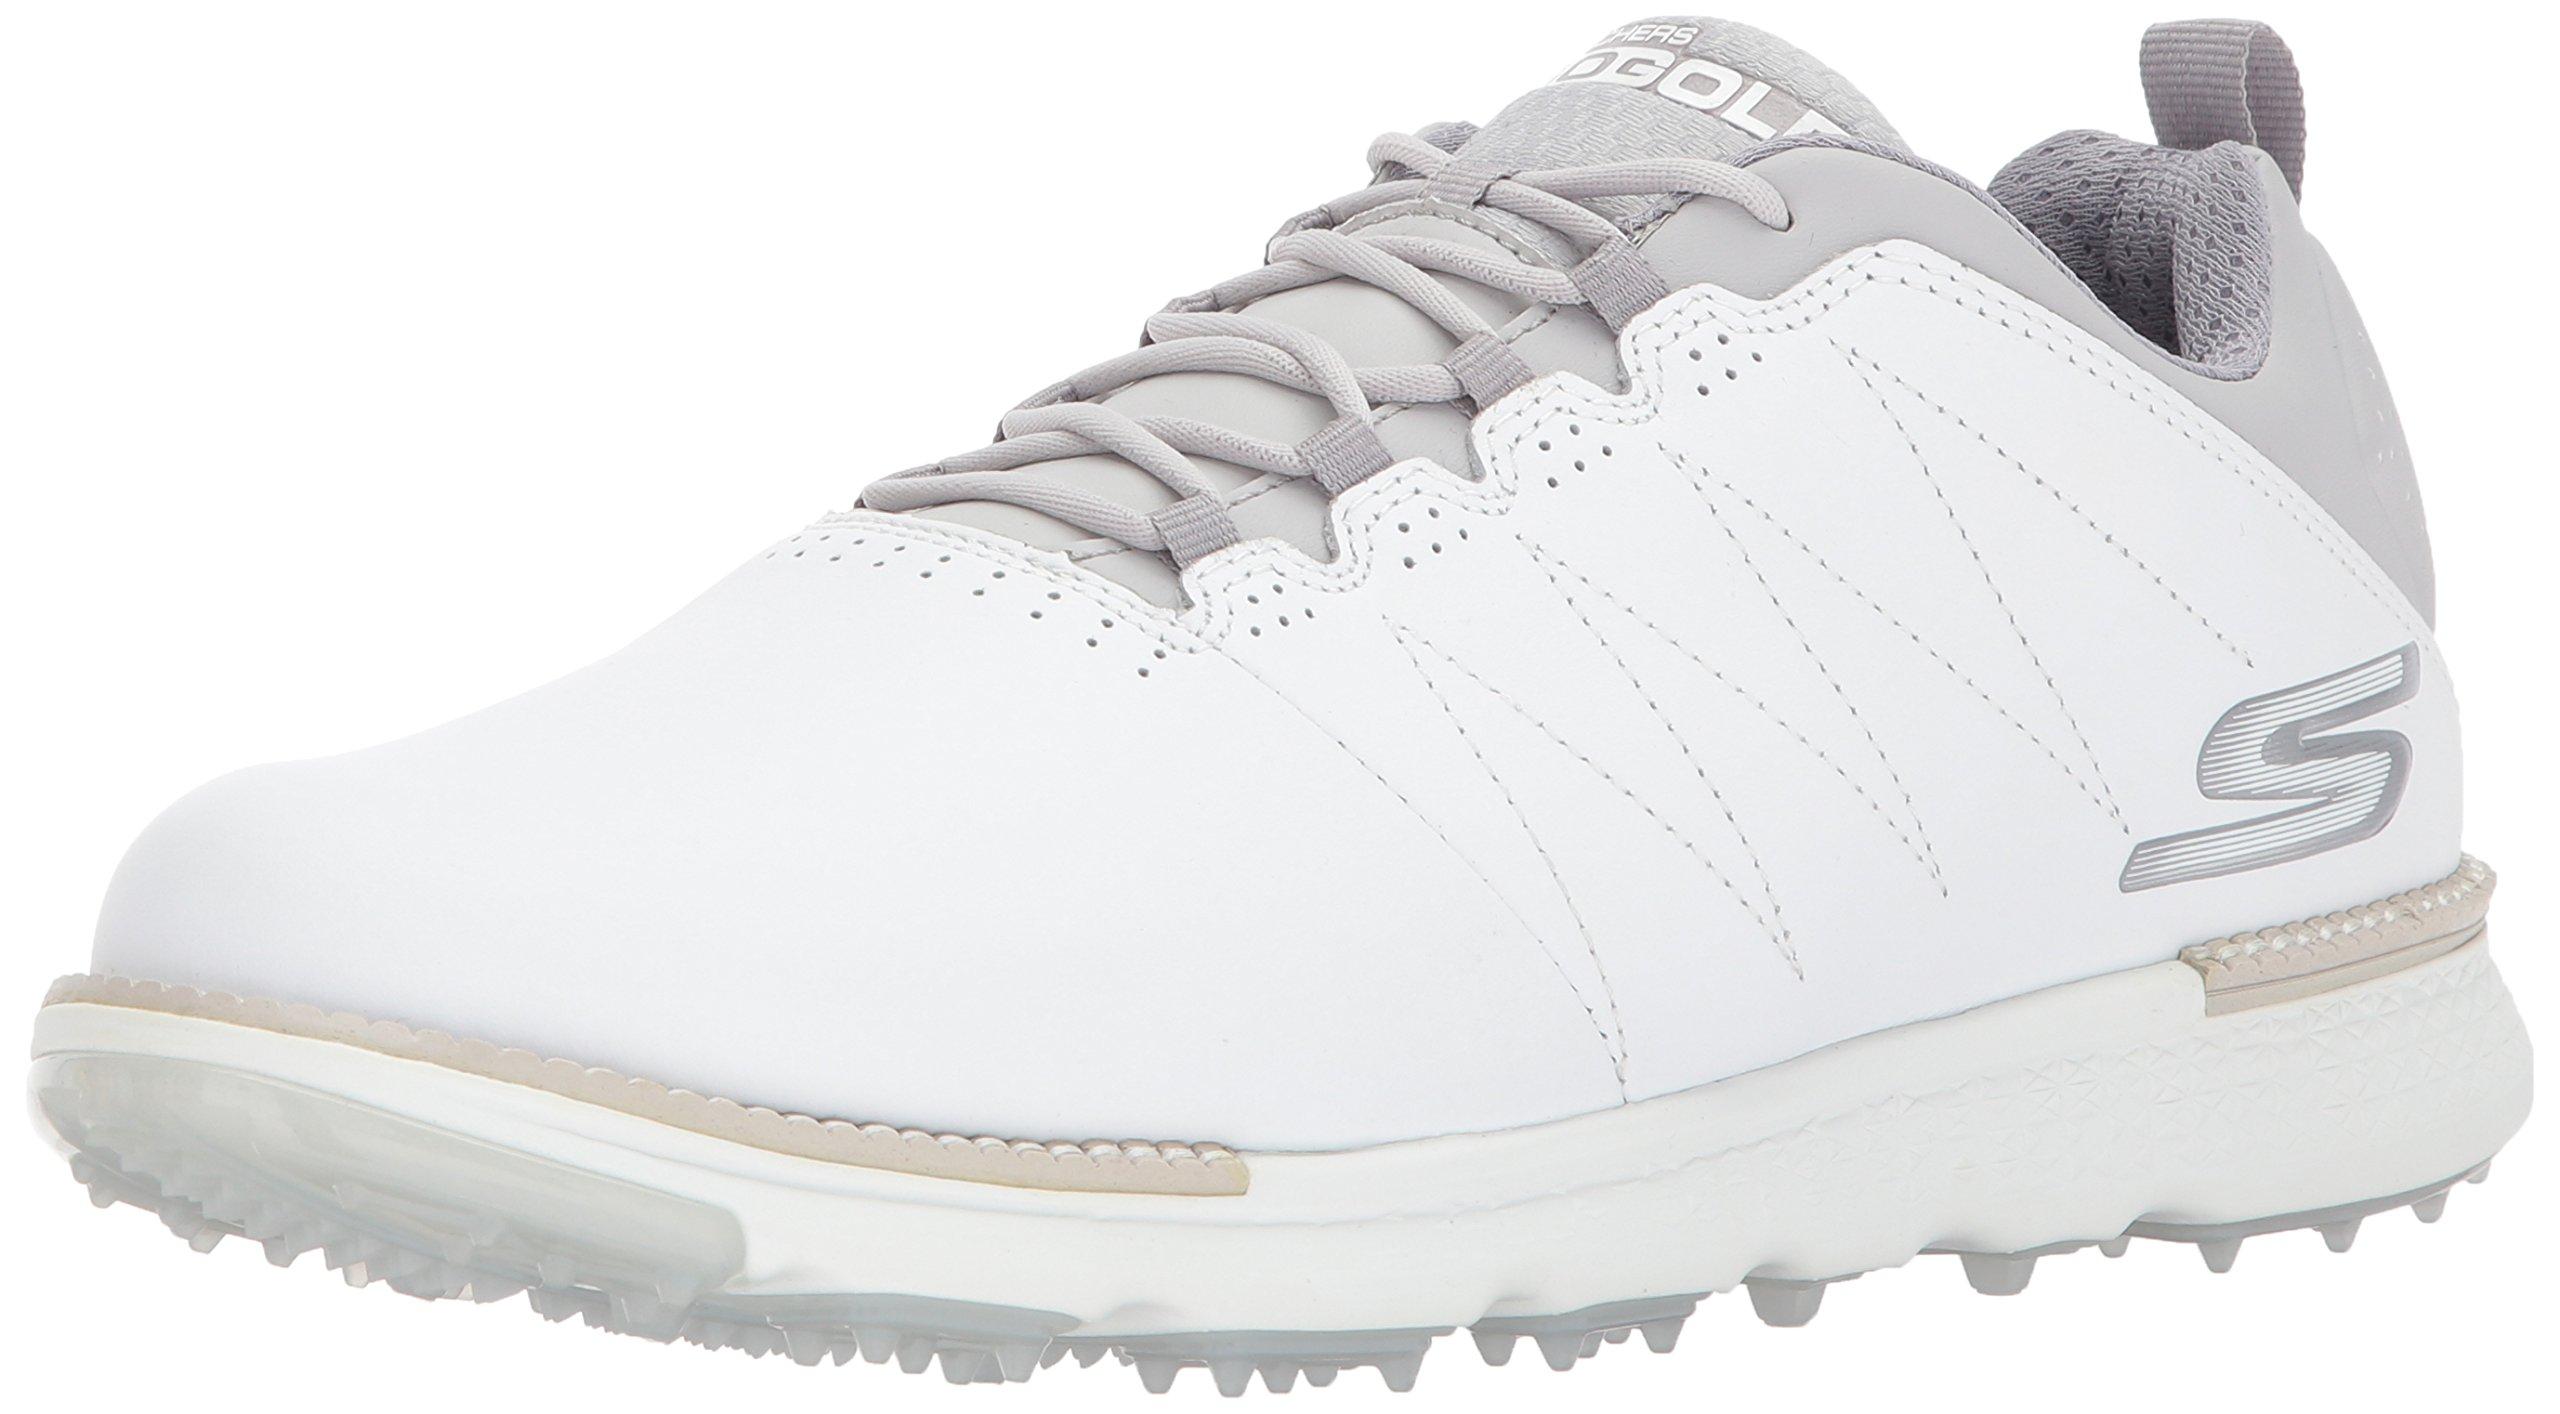 Skechers Men's Go Golf Elite 3 Golf Shoe,White/Gray,7.5 M US